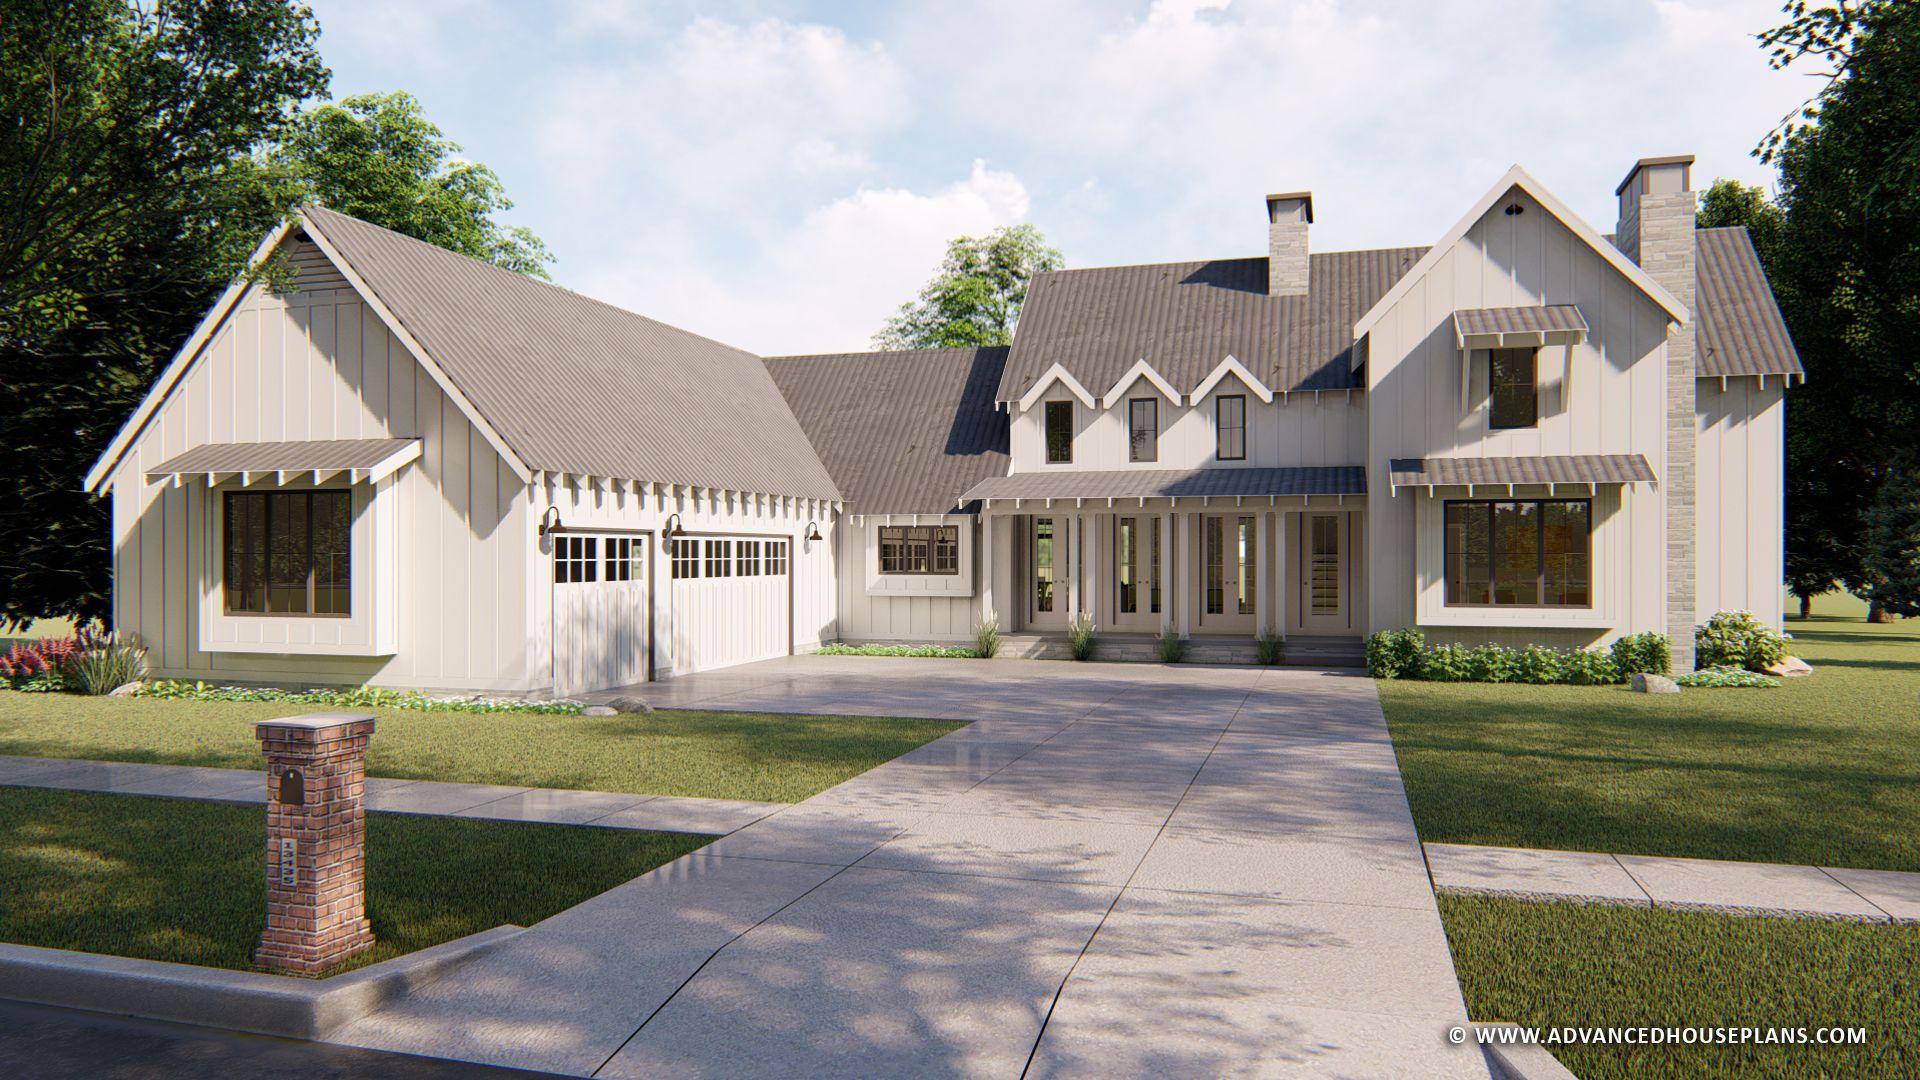 1 1 2 Story Modern Farmhouse House Plan Summerfield Modern Farmhouse Plans Farmhouse Style House Plans Farmhouse Layout